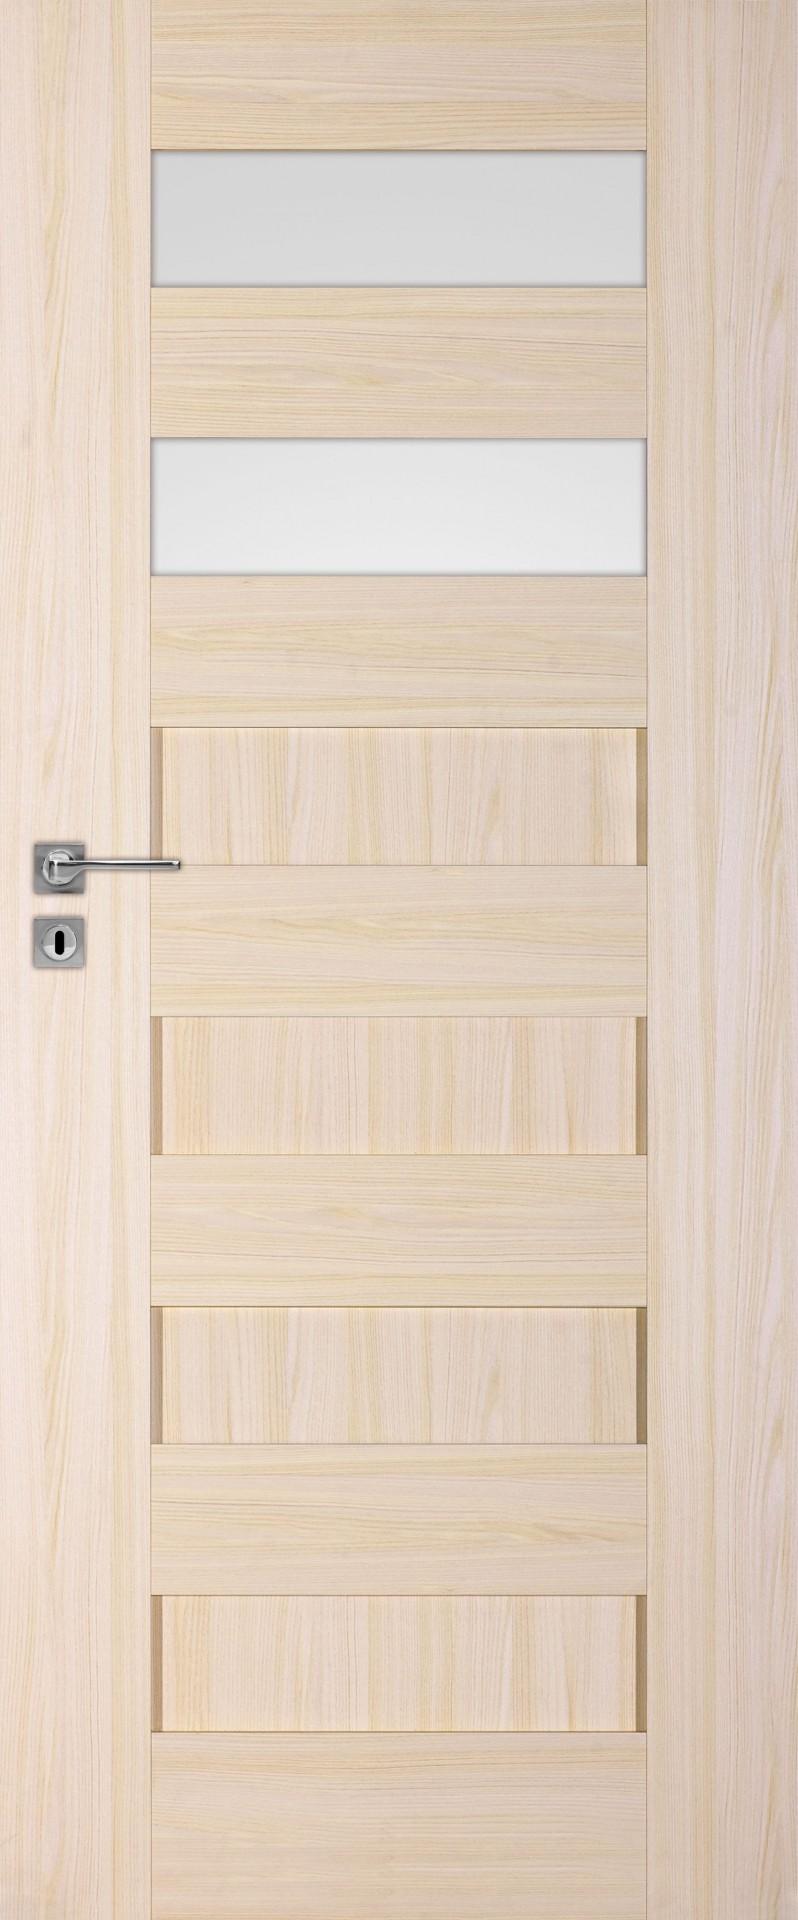 Dre dveře SCALA A2, Šíře v cm 60